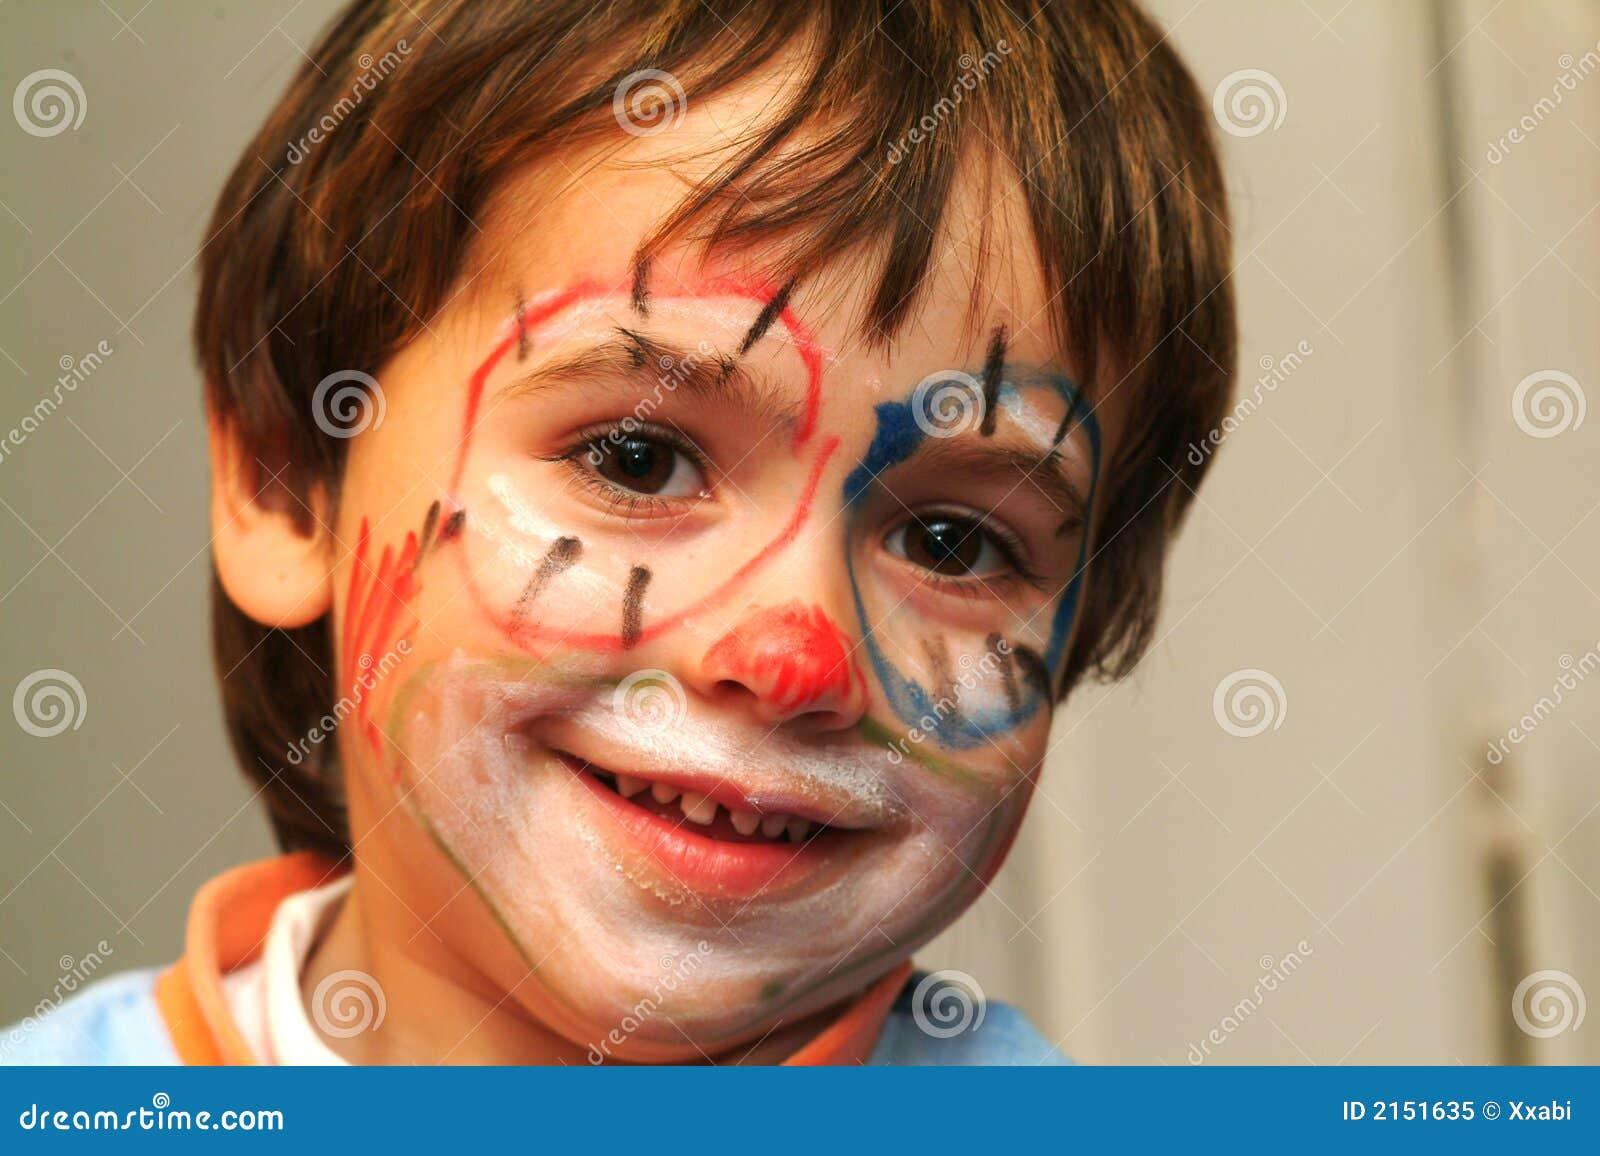 Muchacho con la cara pintada foto de archivo libre de for Cara pintada diablo